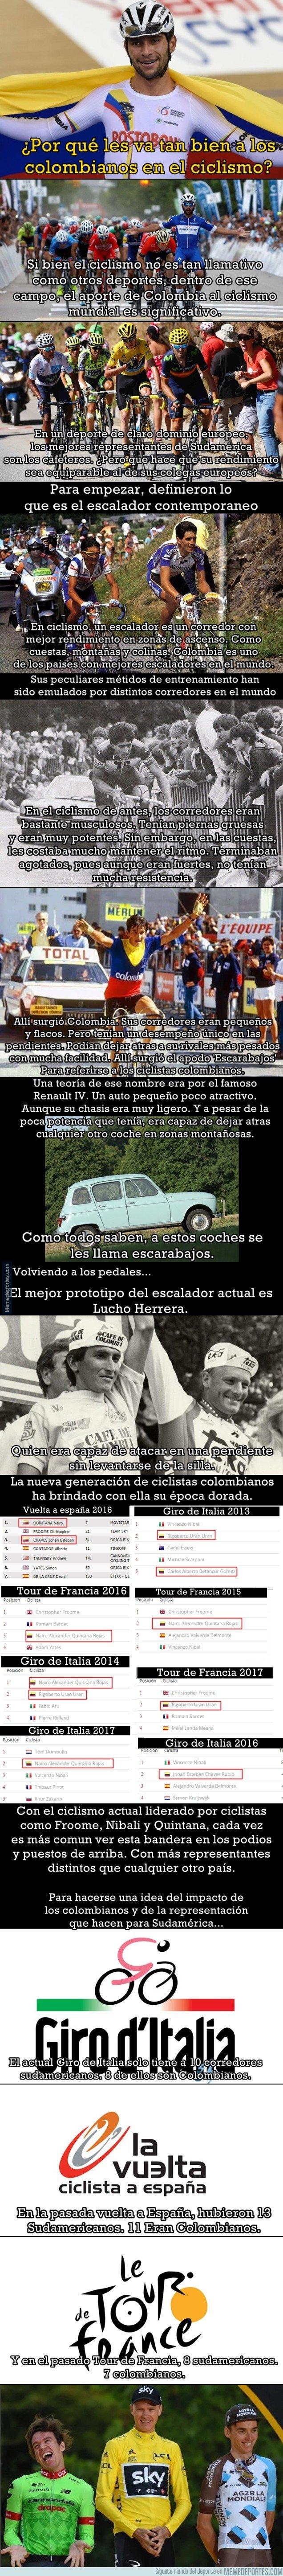 1036353 - Una pequeña historia de el nexo entre el ciclismo y Colombia